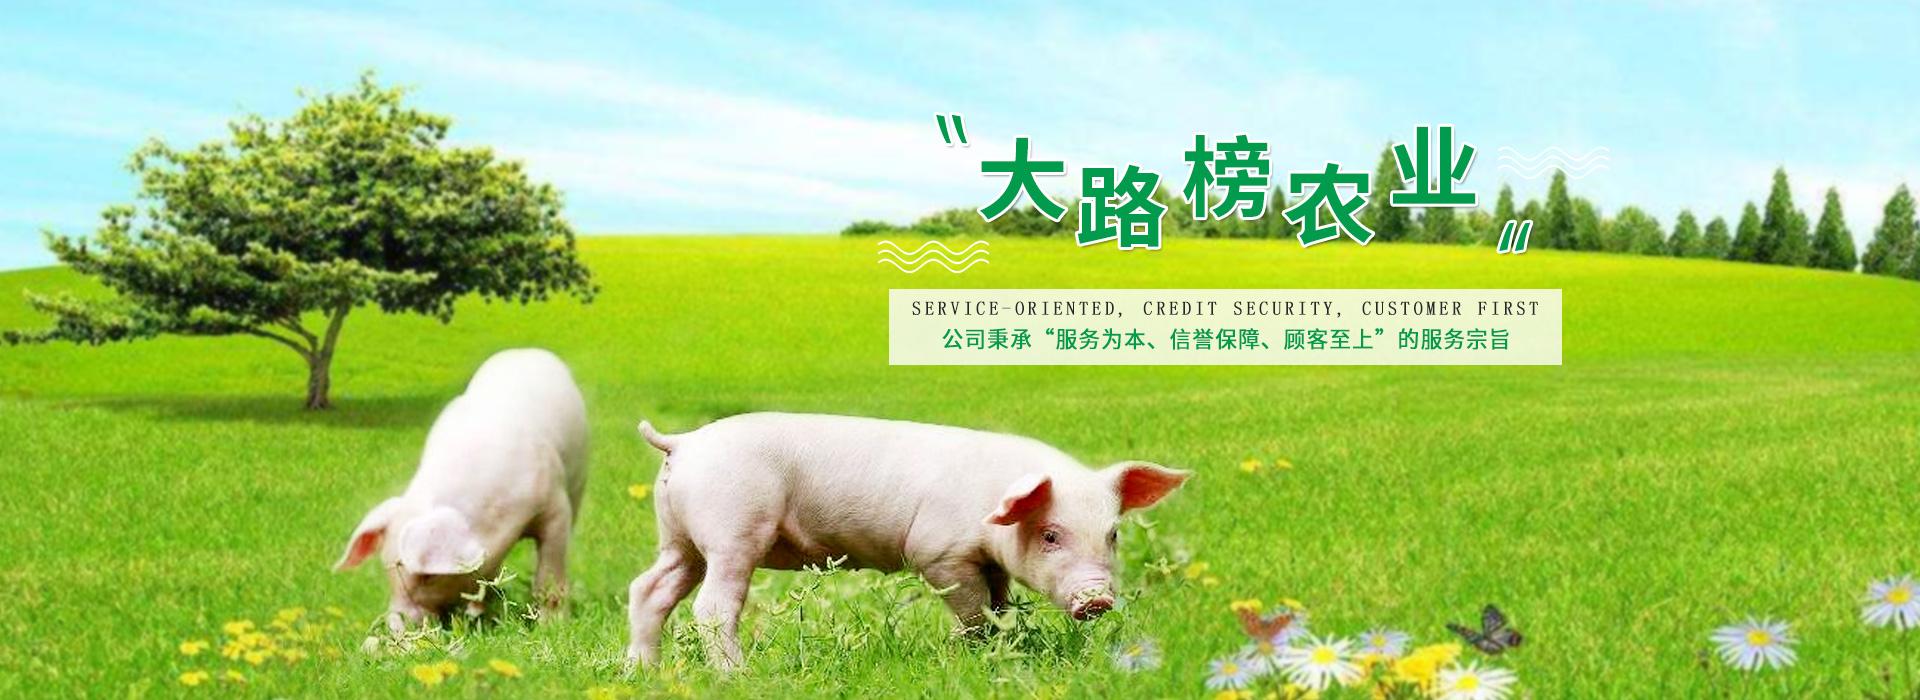 泸州土猪,泸州土猪价格